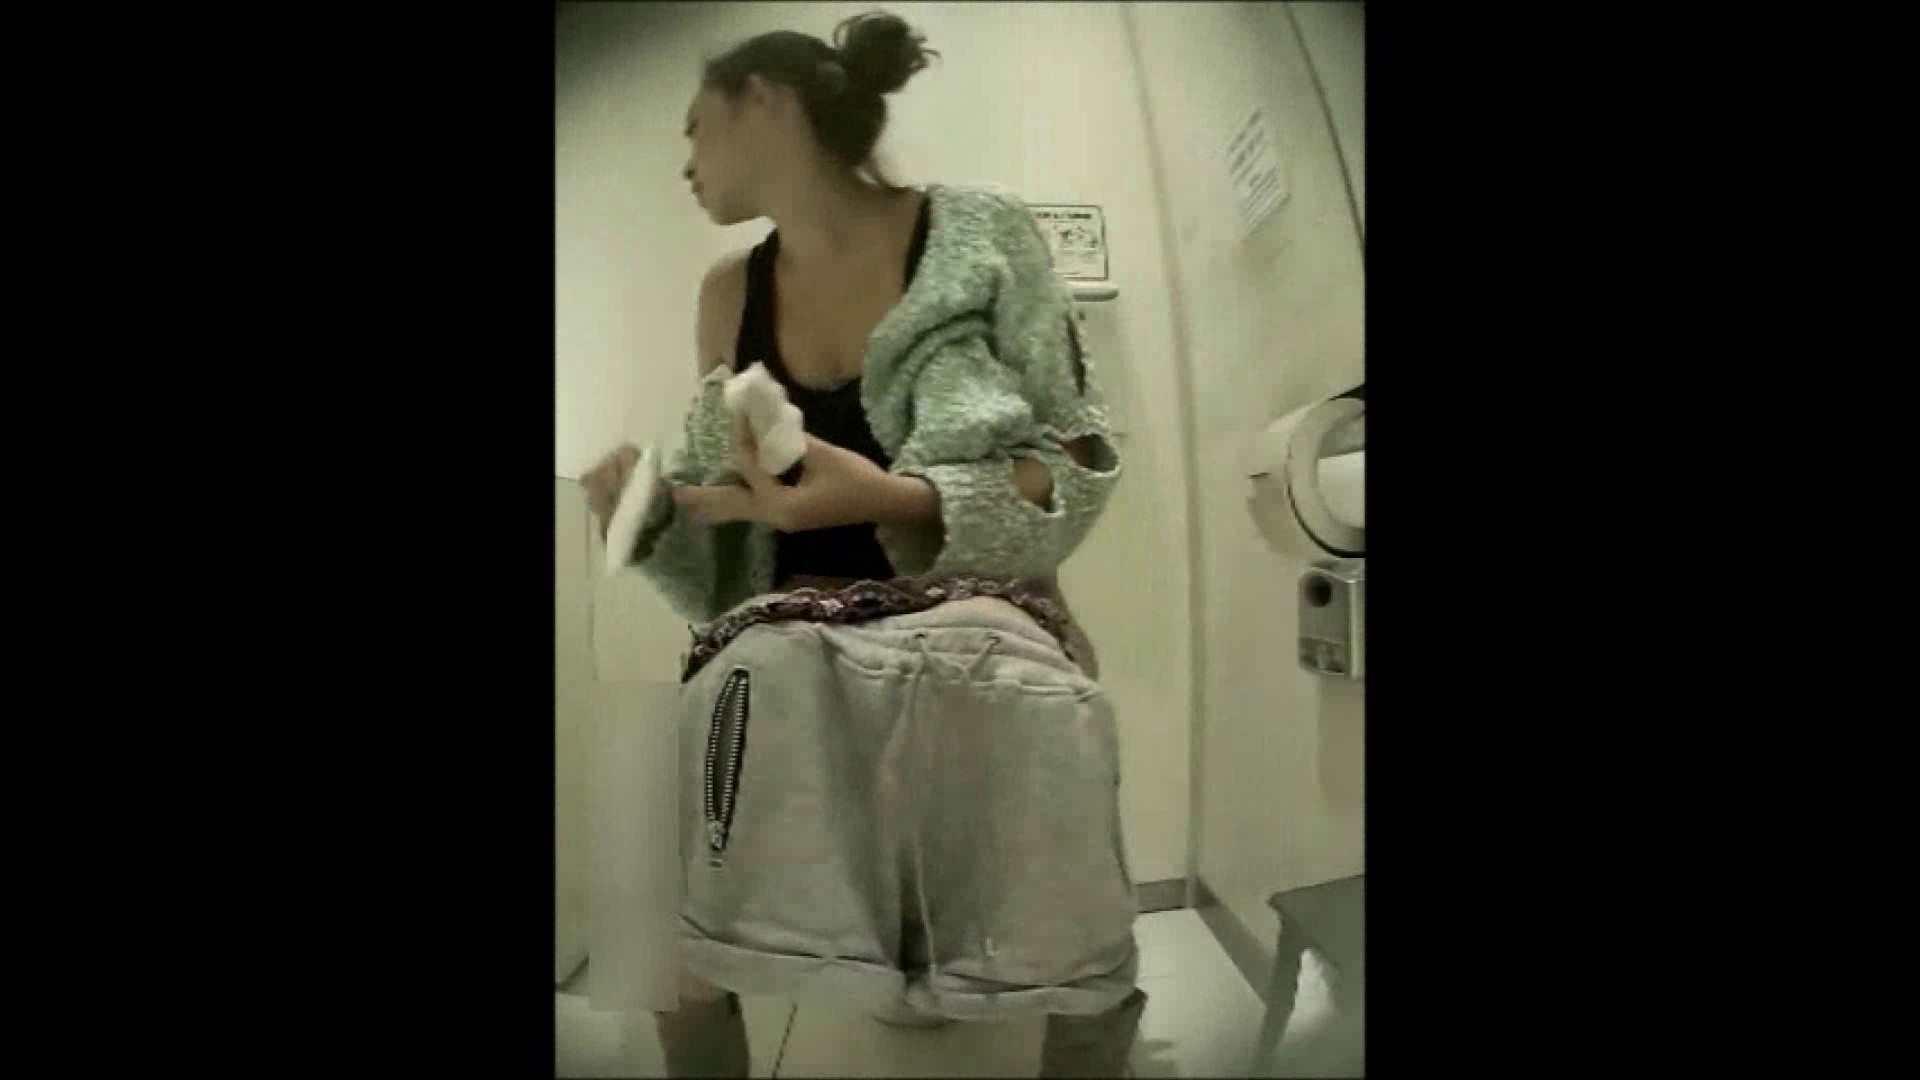 洗面所盗撮~隣の美人お姉さんVol.14 洗面所 オマンコ動画キャプチャ 102PIX 39